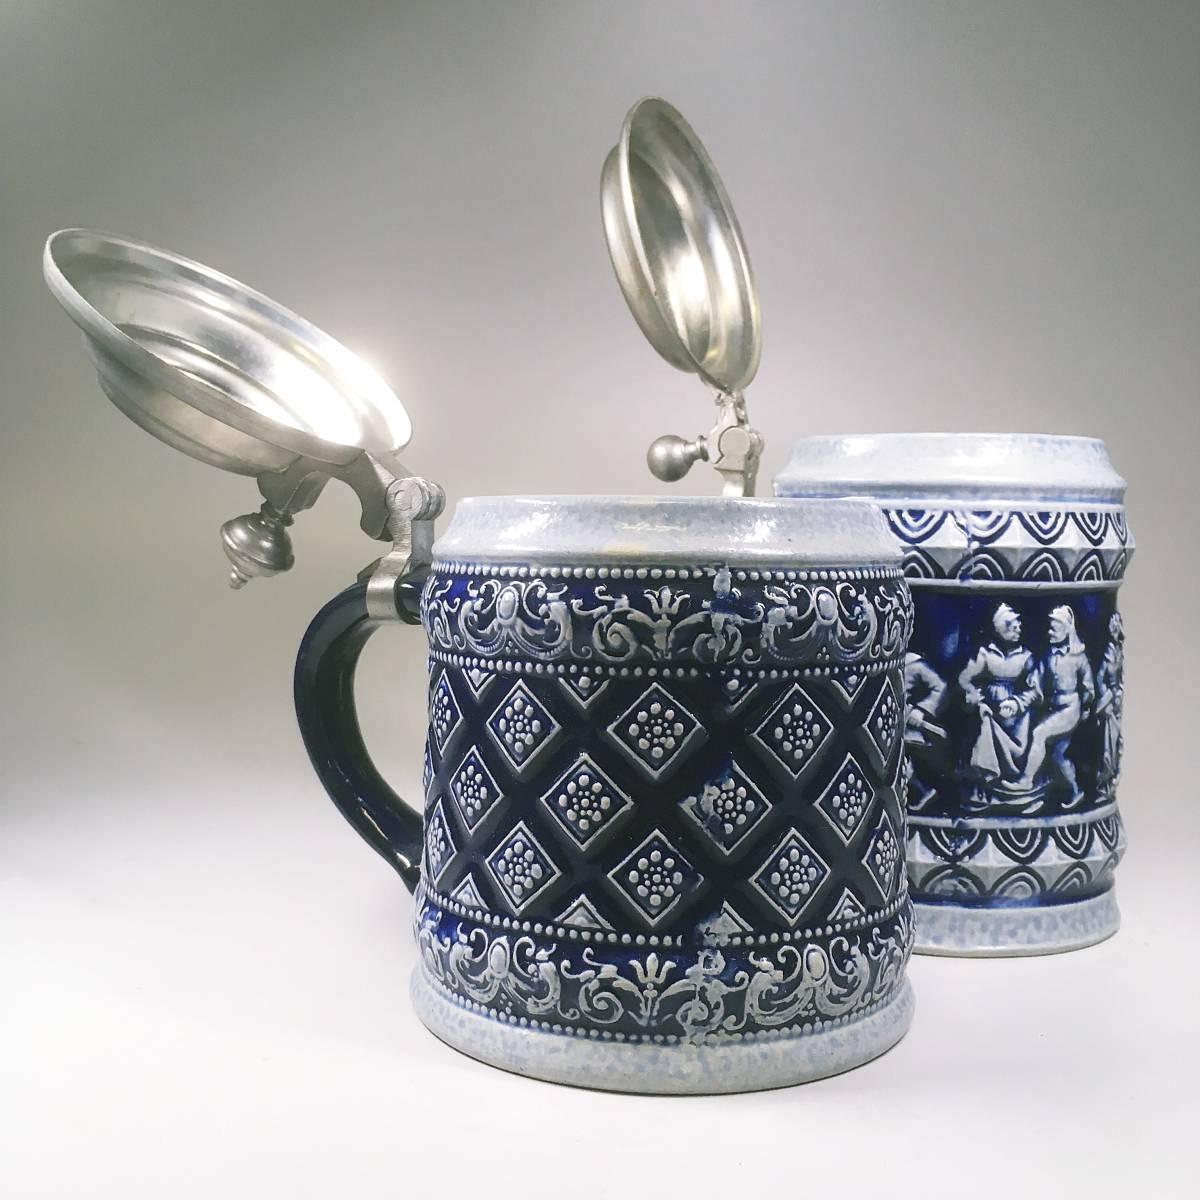 西ドイツ ビールジョッキ ビアグラス 2個セット 彫刻 ドイツスタイル 陶器製 グラス 蓋付 酒器_画像6